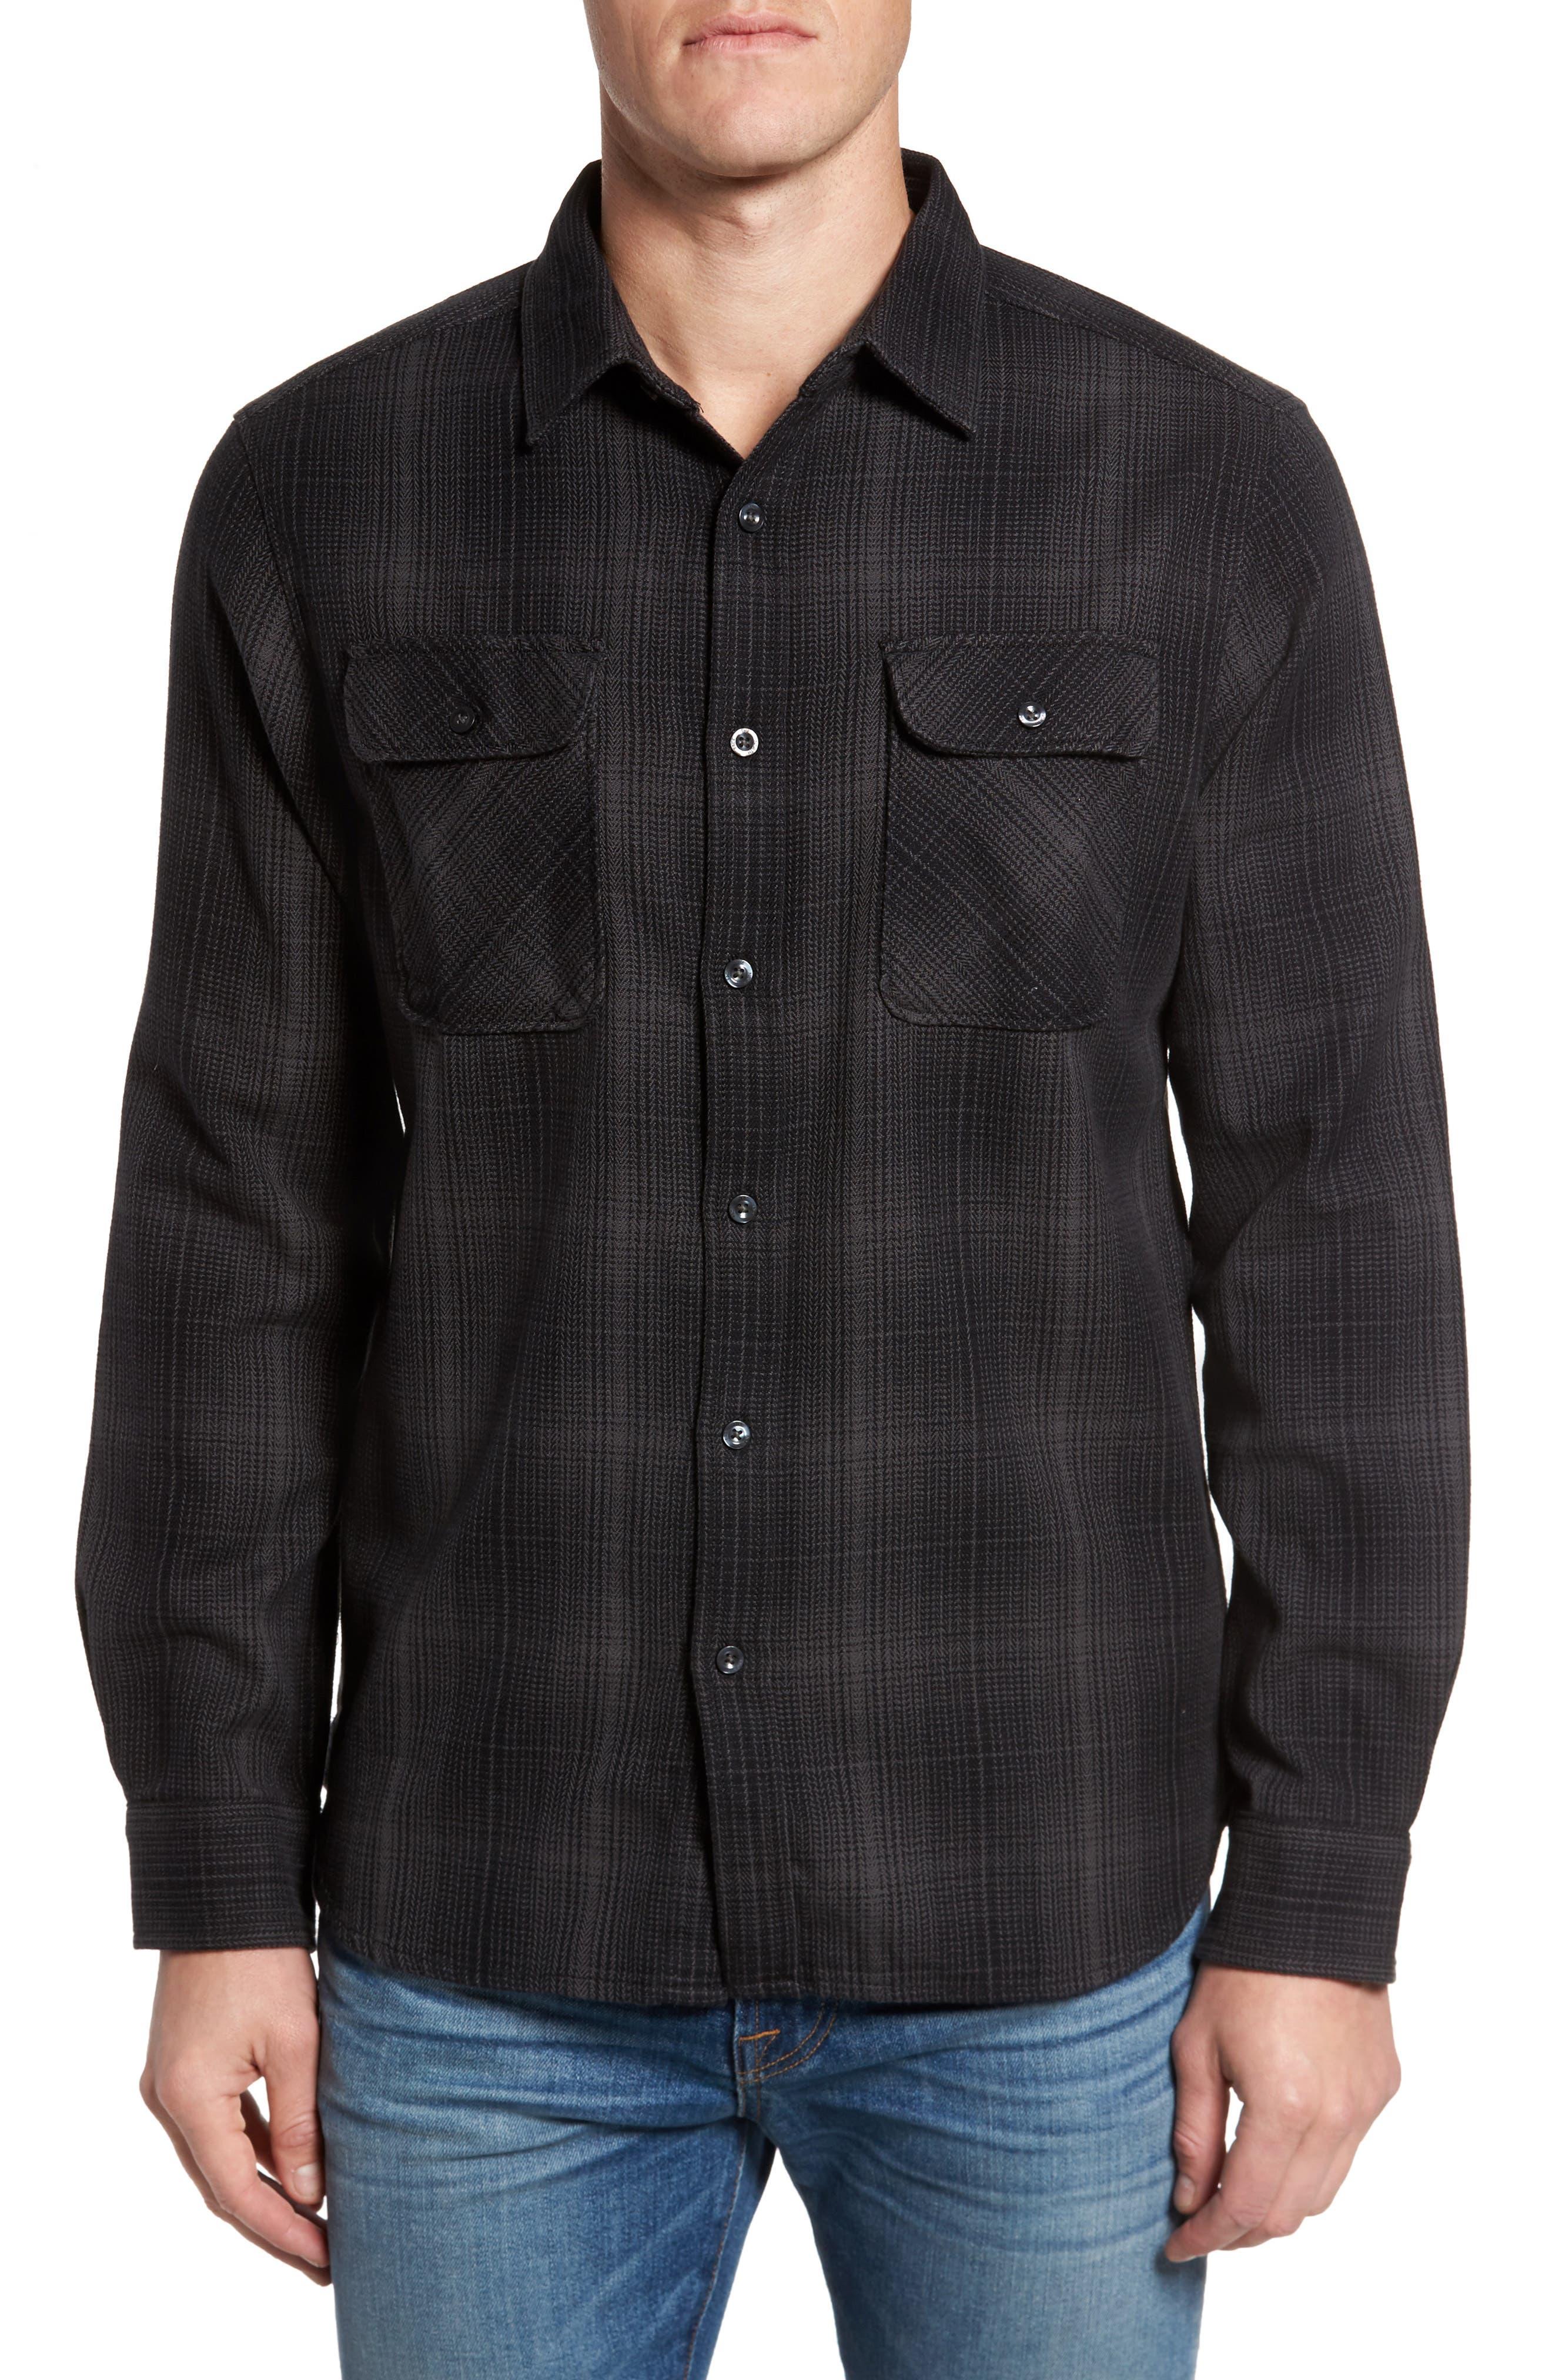 Alpine Zone Plaid Shirt,                         Main,                         color, Asphalt Grey Plaid